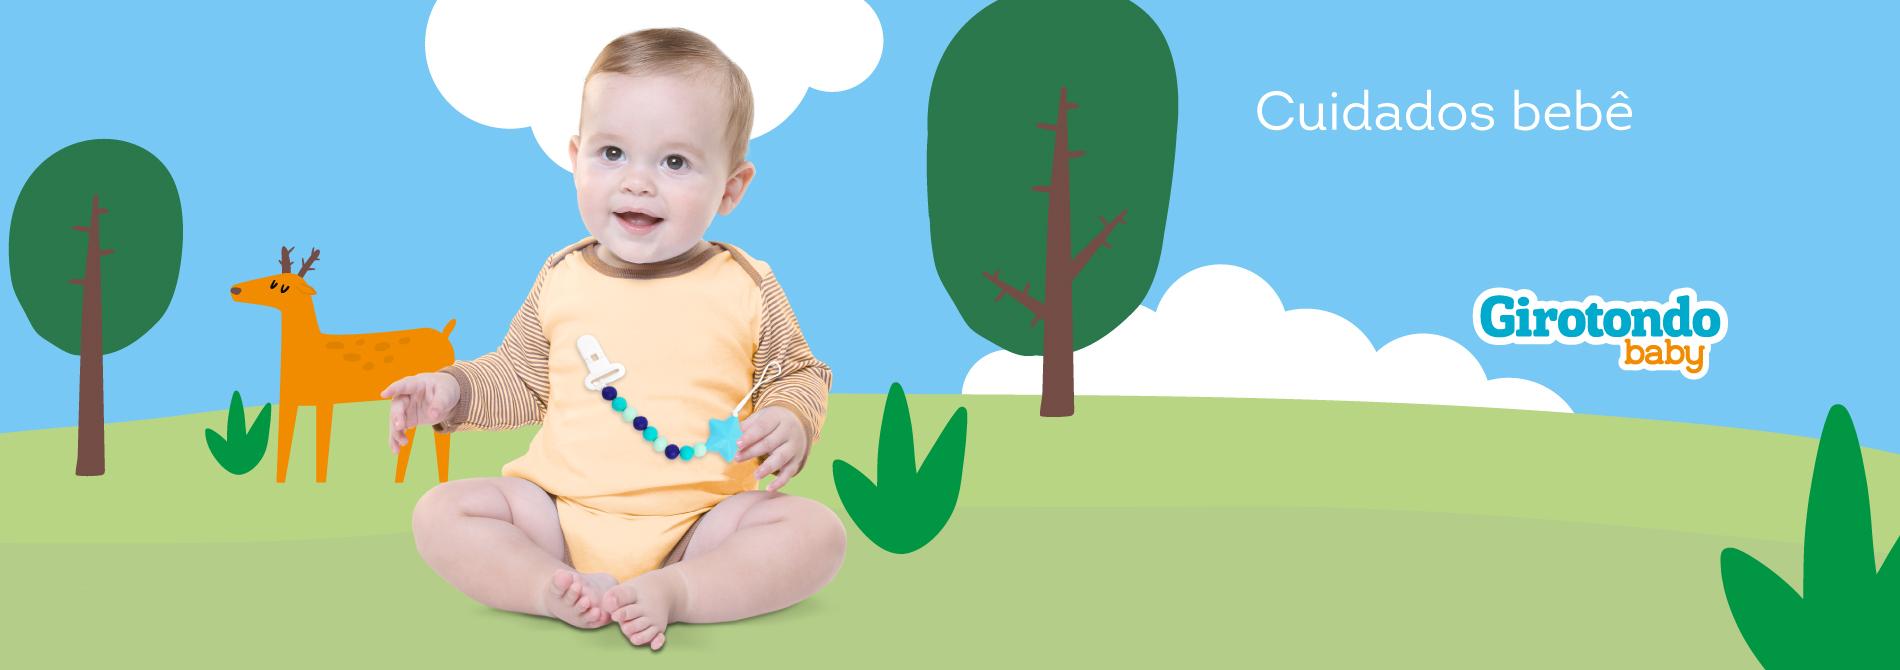 Produtos de cuidados de bebê da marca Girotondo Baby